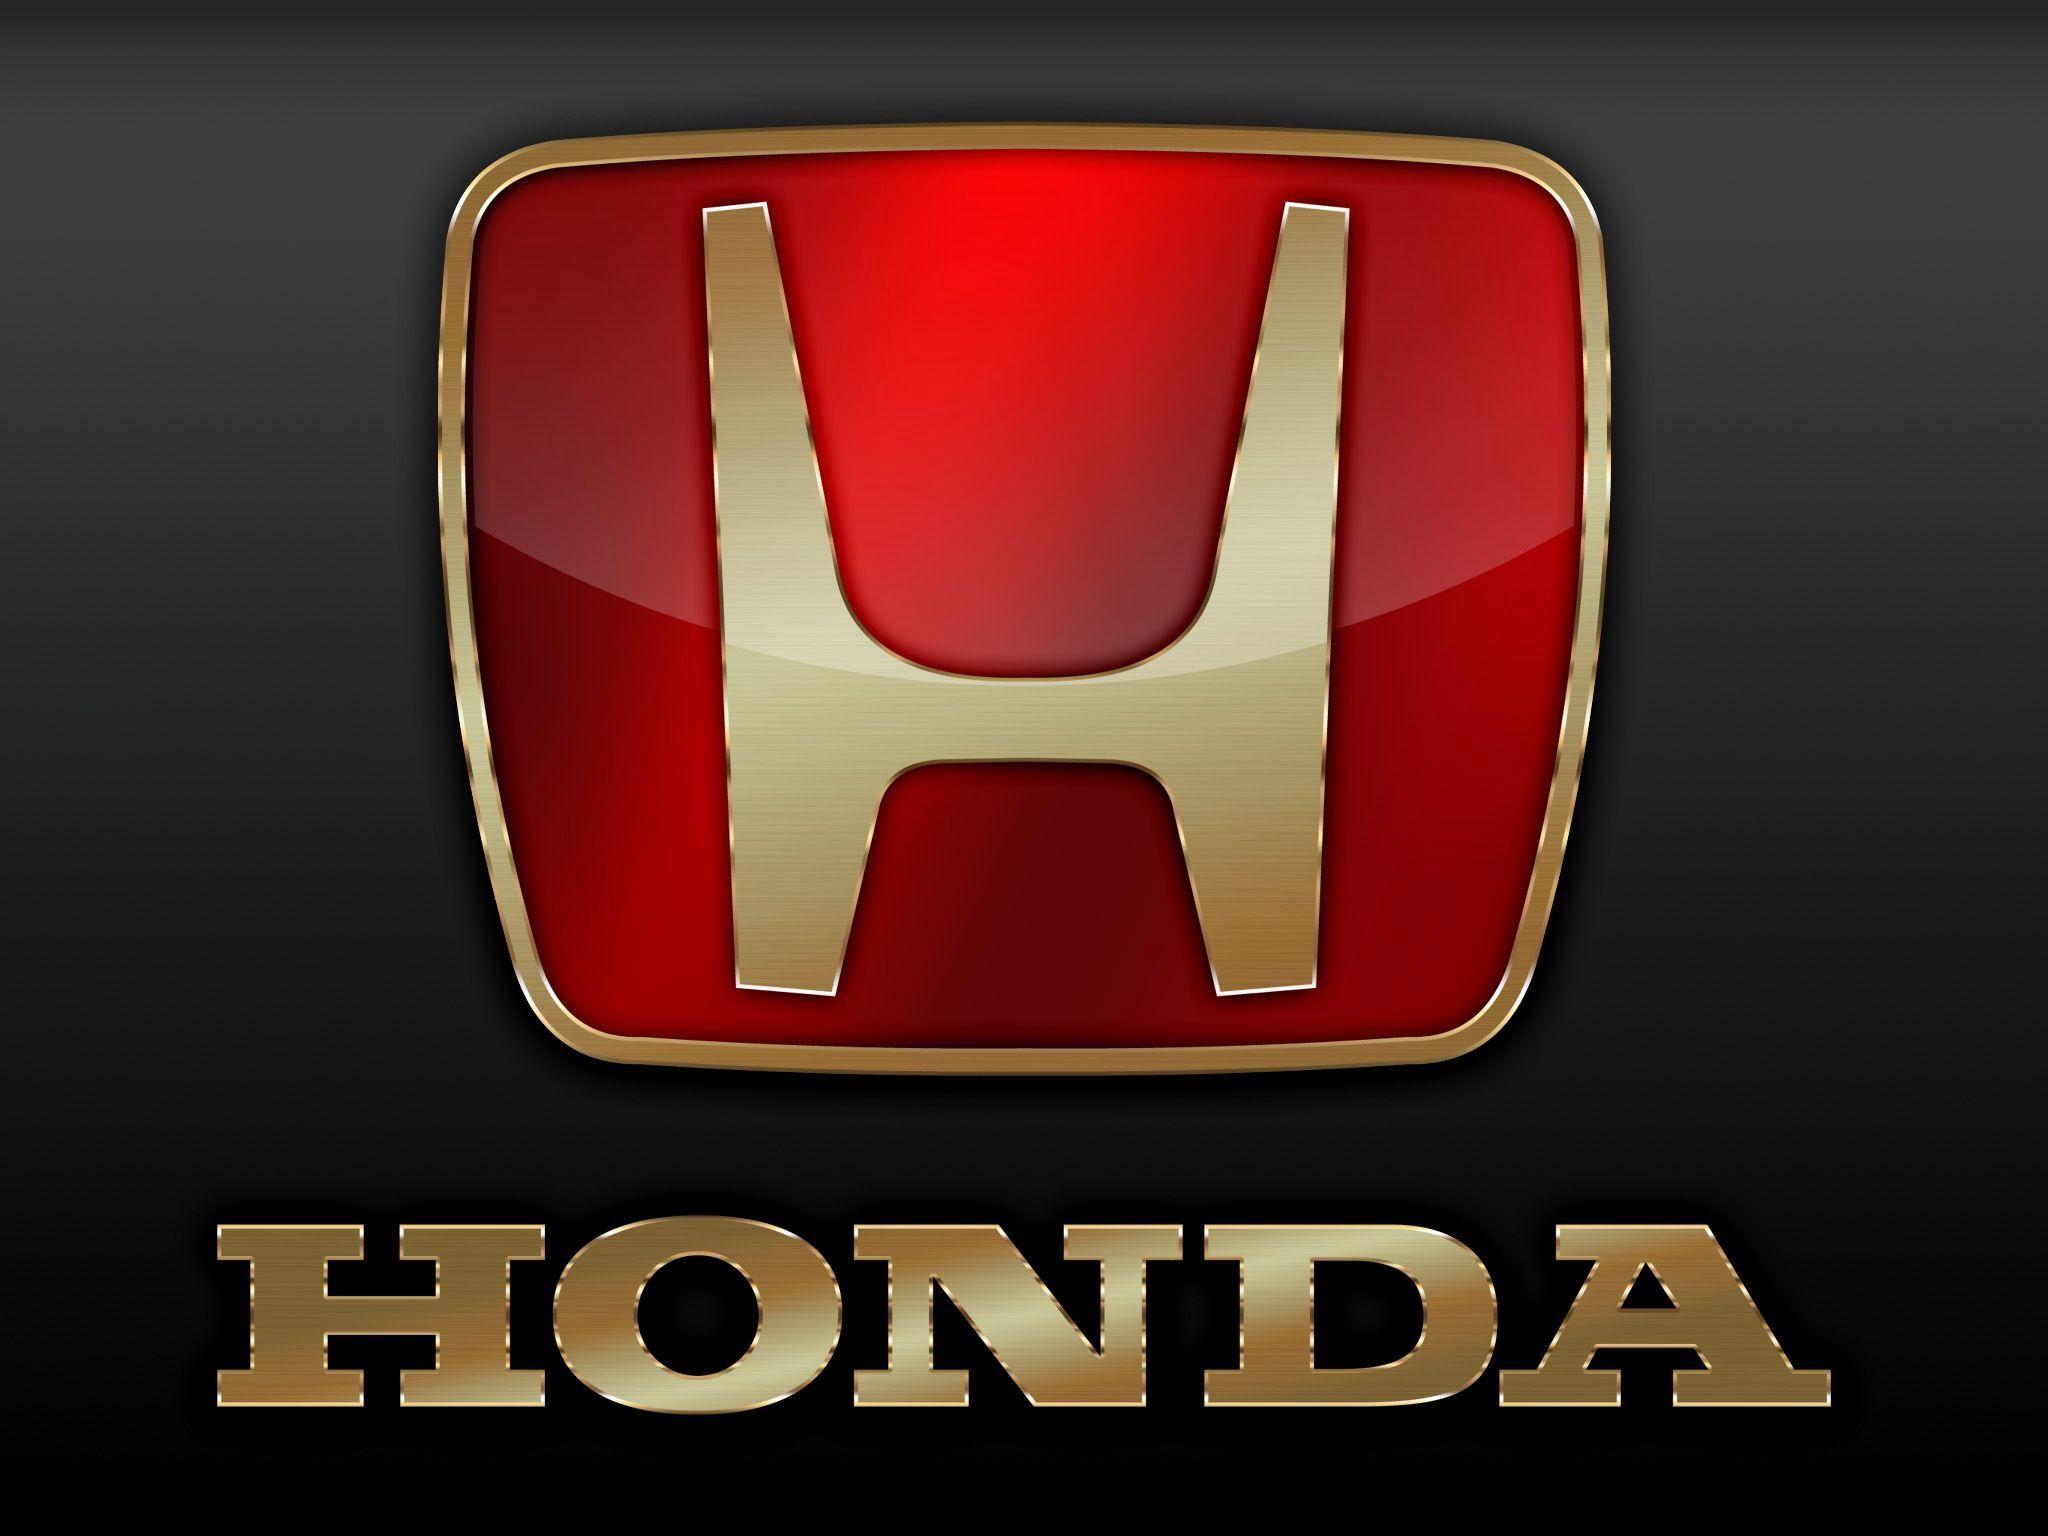 Honda-Emblem-Logo-Wallpaper